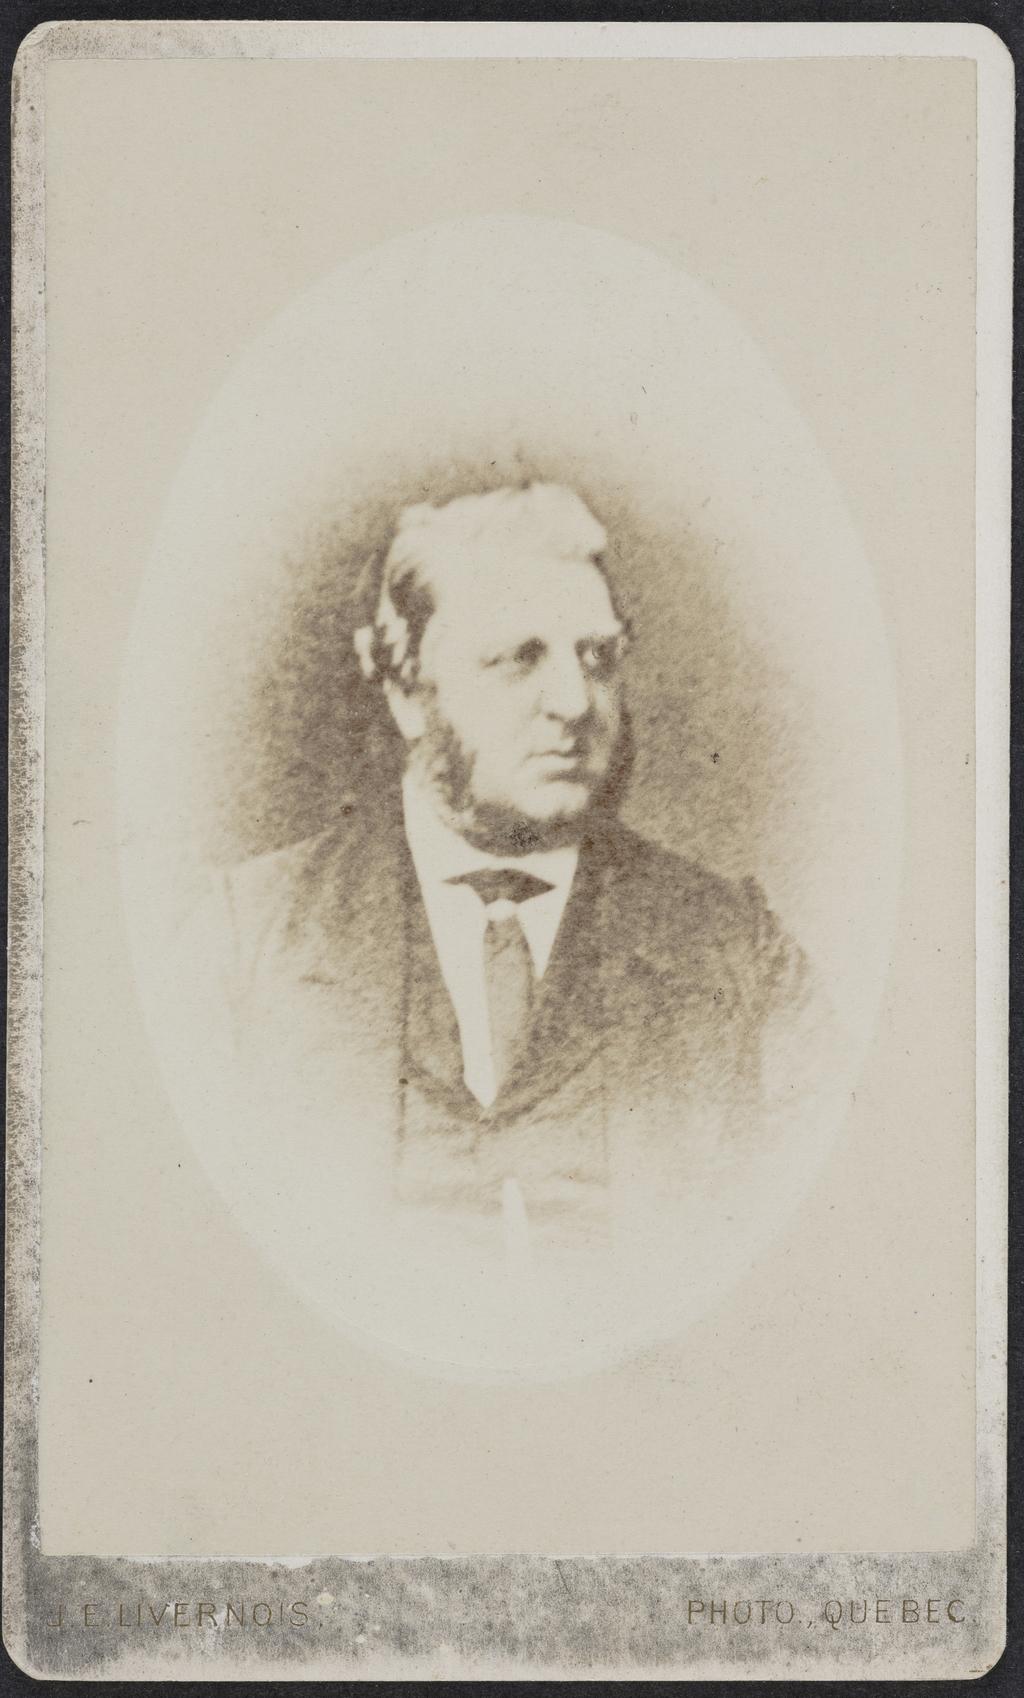 Portrait d'homme. Photographie d'une photographie, de l'album de collection dit de Richard Alleyn